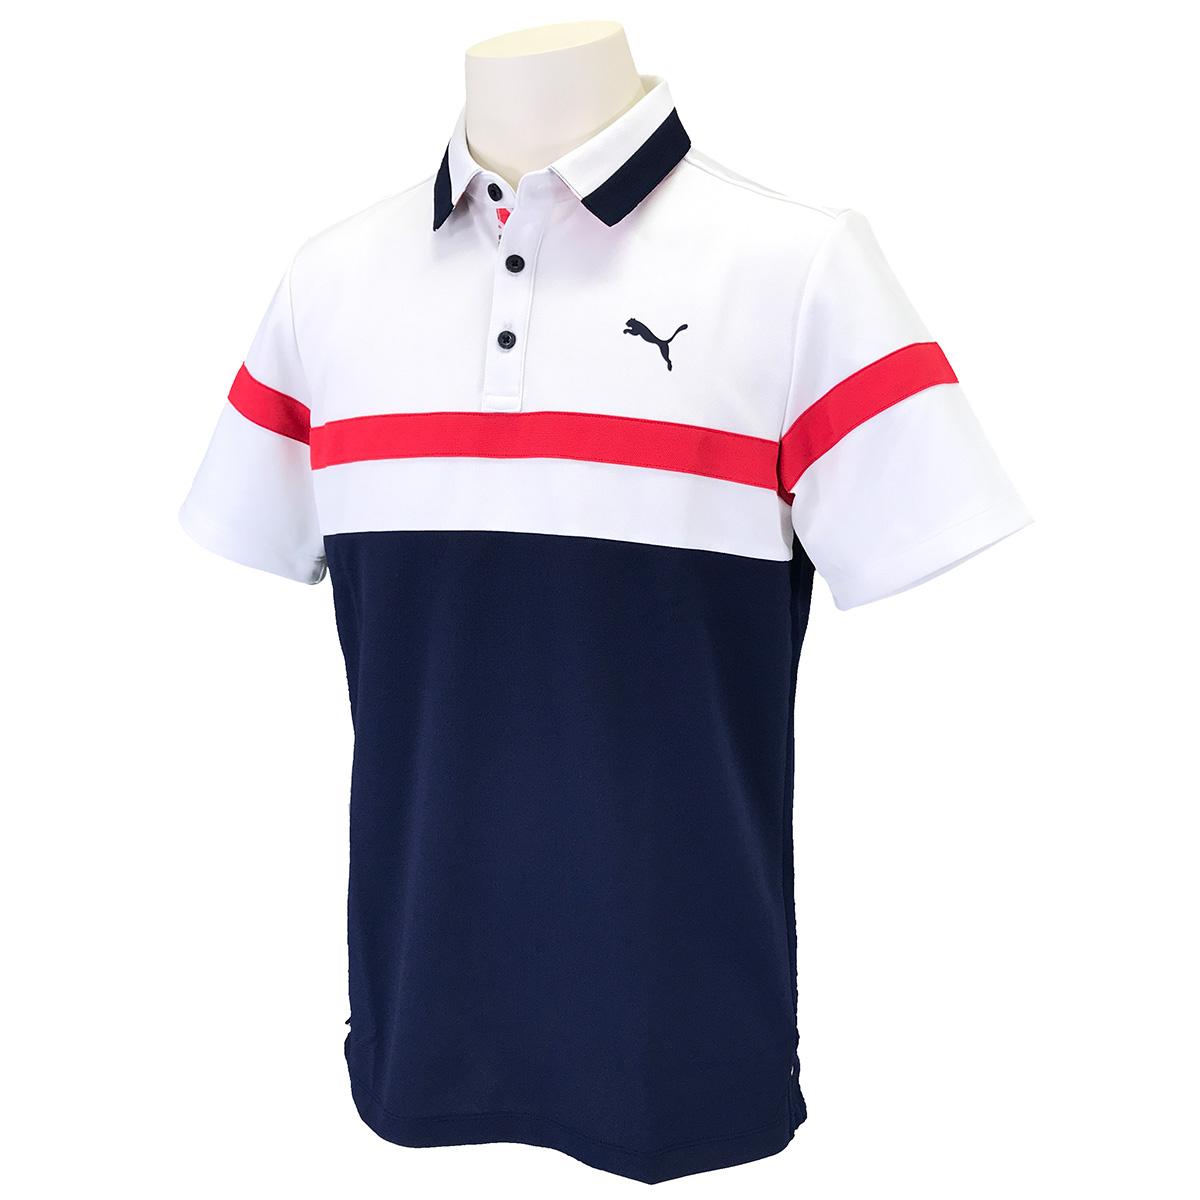 ユニオンジャック 半袖ポロシャツ